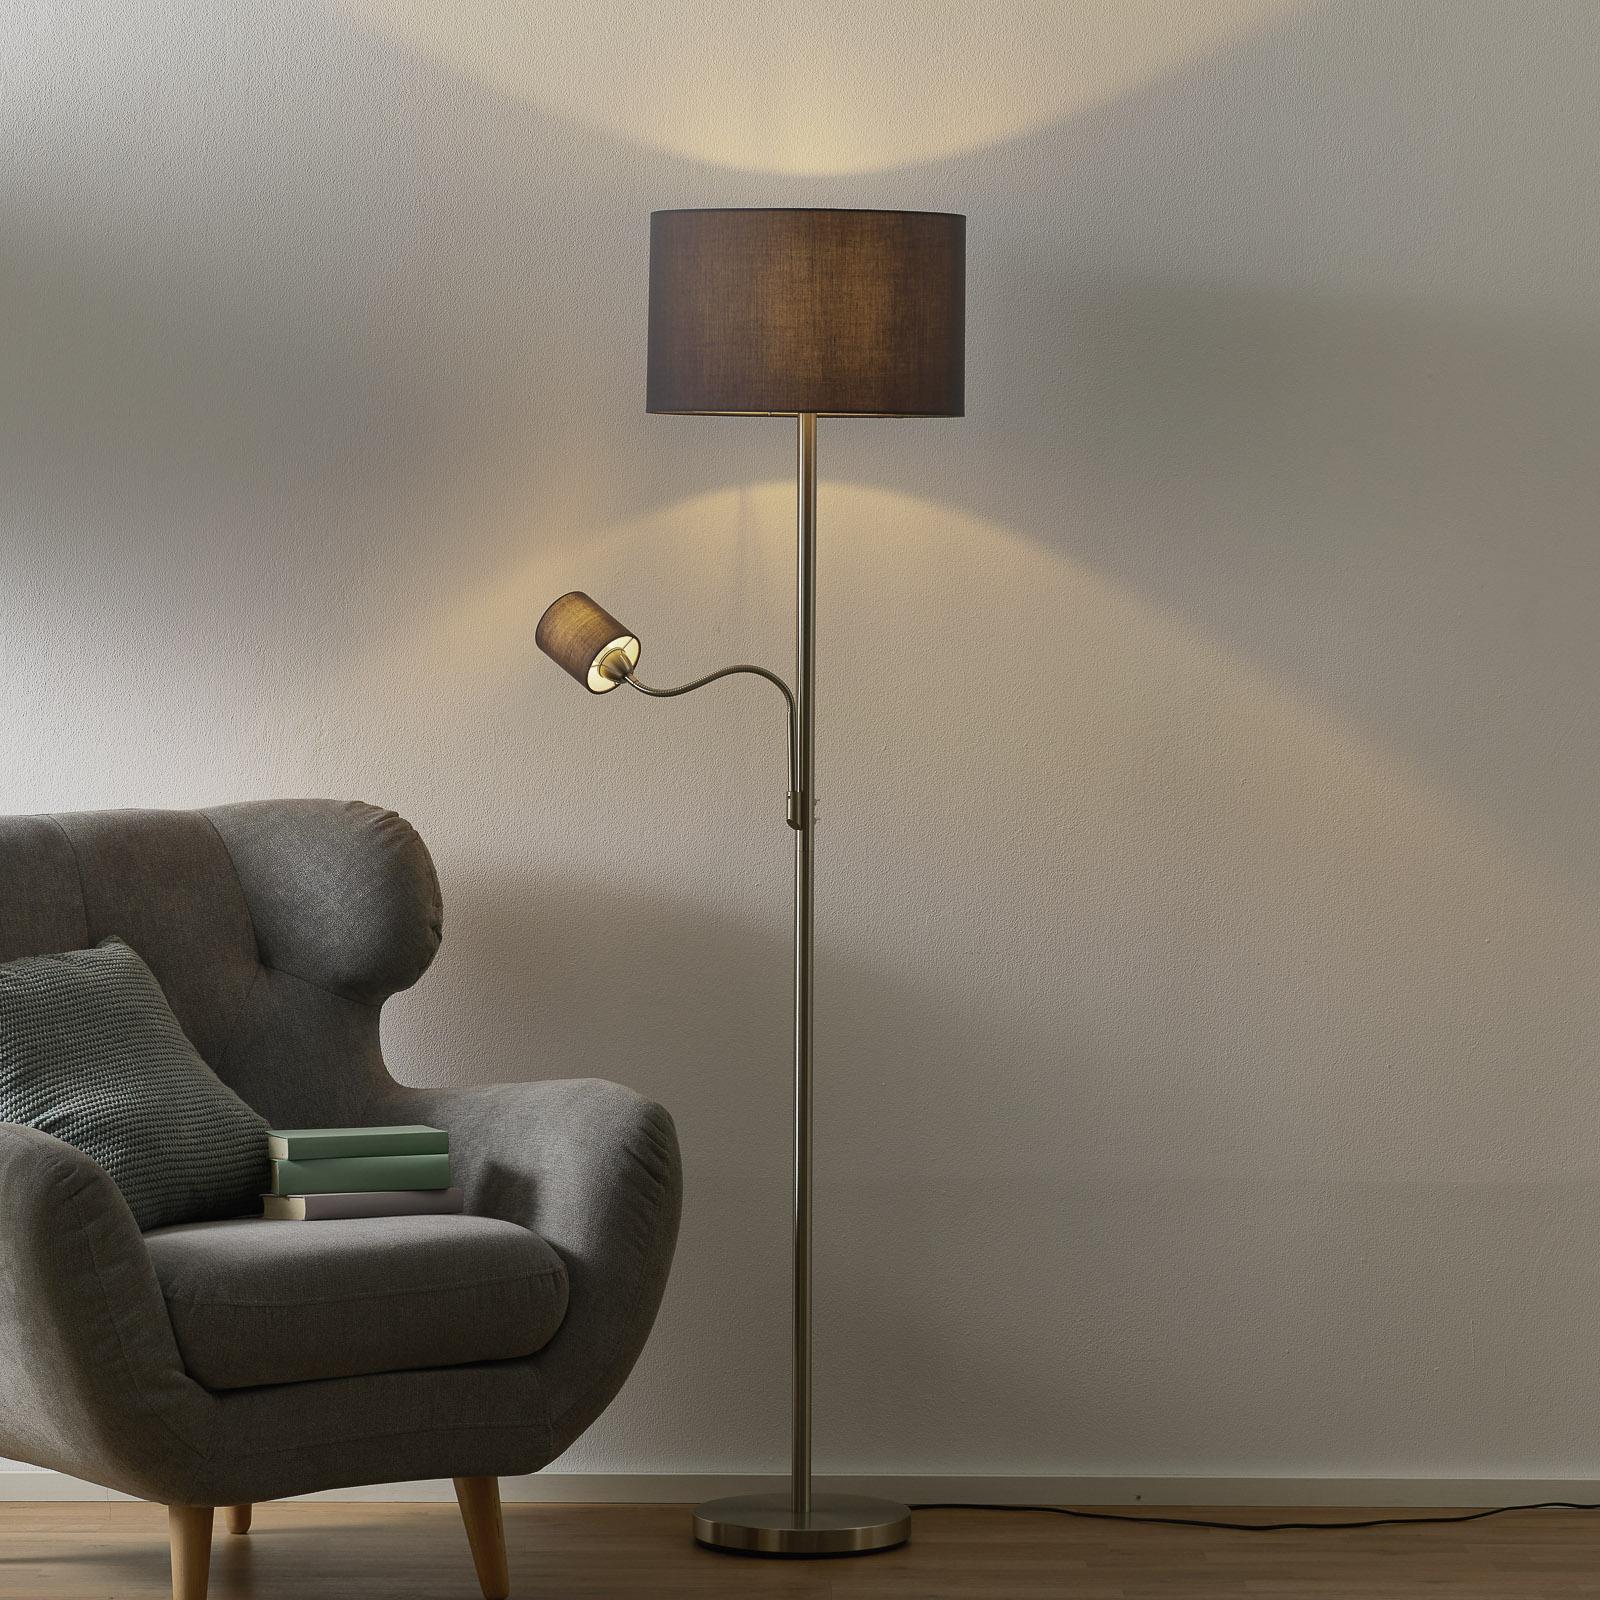 Hotel standerlampe med læselampe, grå skærm